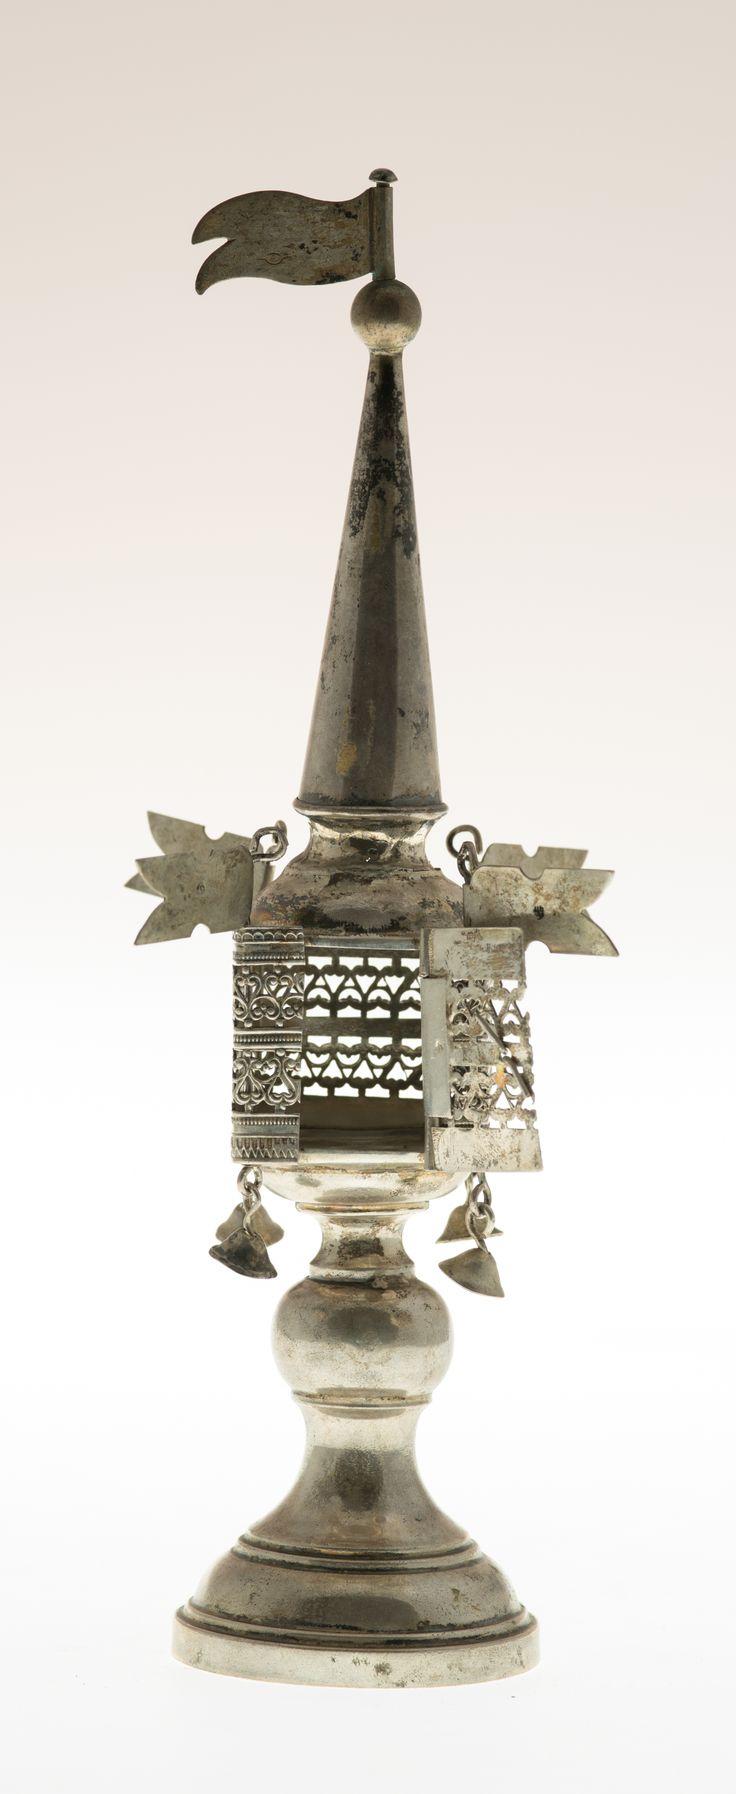 Stopa okrągła, profilowana, trzon tralkowy. Pojemnik czworoboczny, wykonany z taśmy ażurowanej, drzwiczki z fragmentu tej samej taśmy. W górnych narożnikach pojemniczka chorągiewki, w dolnych, odpowiednio, dzwoneczki. W zwieńczeniu iglica zakończona kulką i chorągiewką.  #Balsaminka #PMA #Muzeum #Museum #hadas #besamim #psumbyks #szmekier #judaica #polin